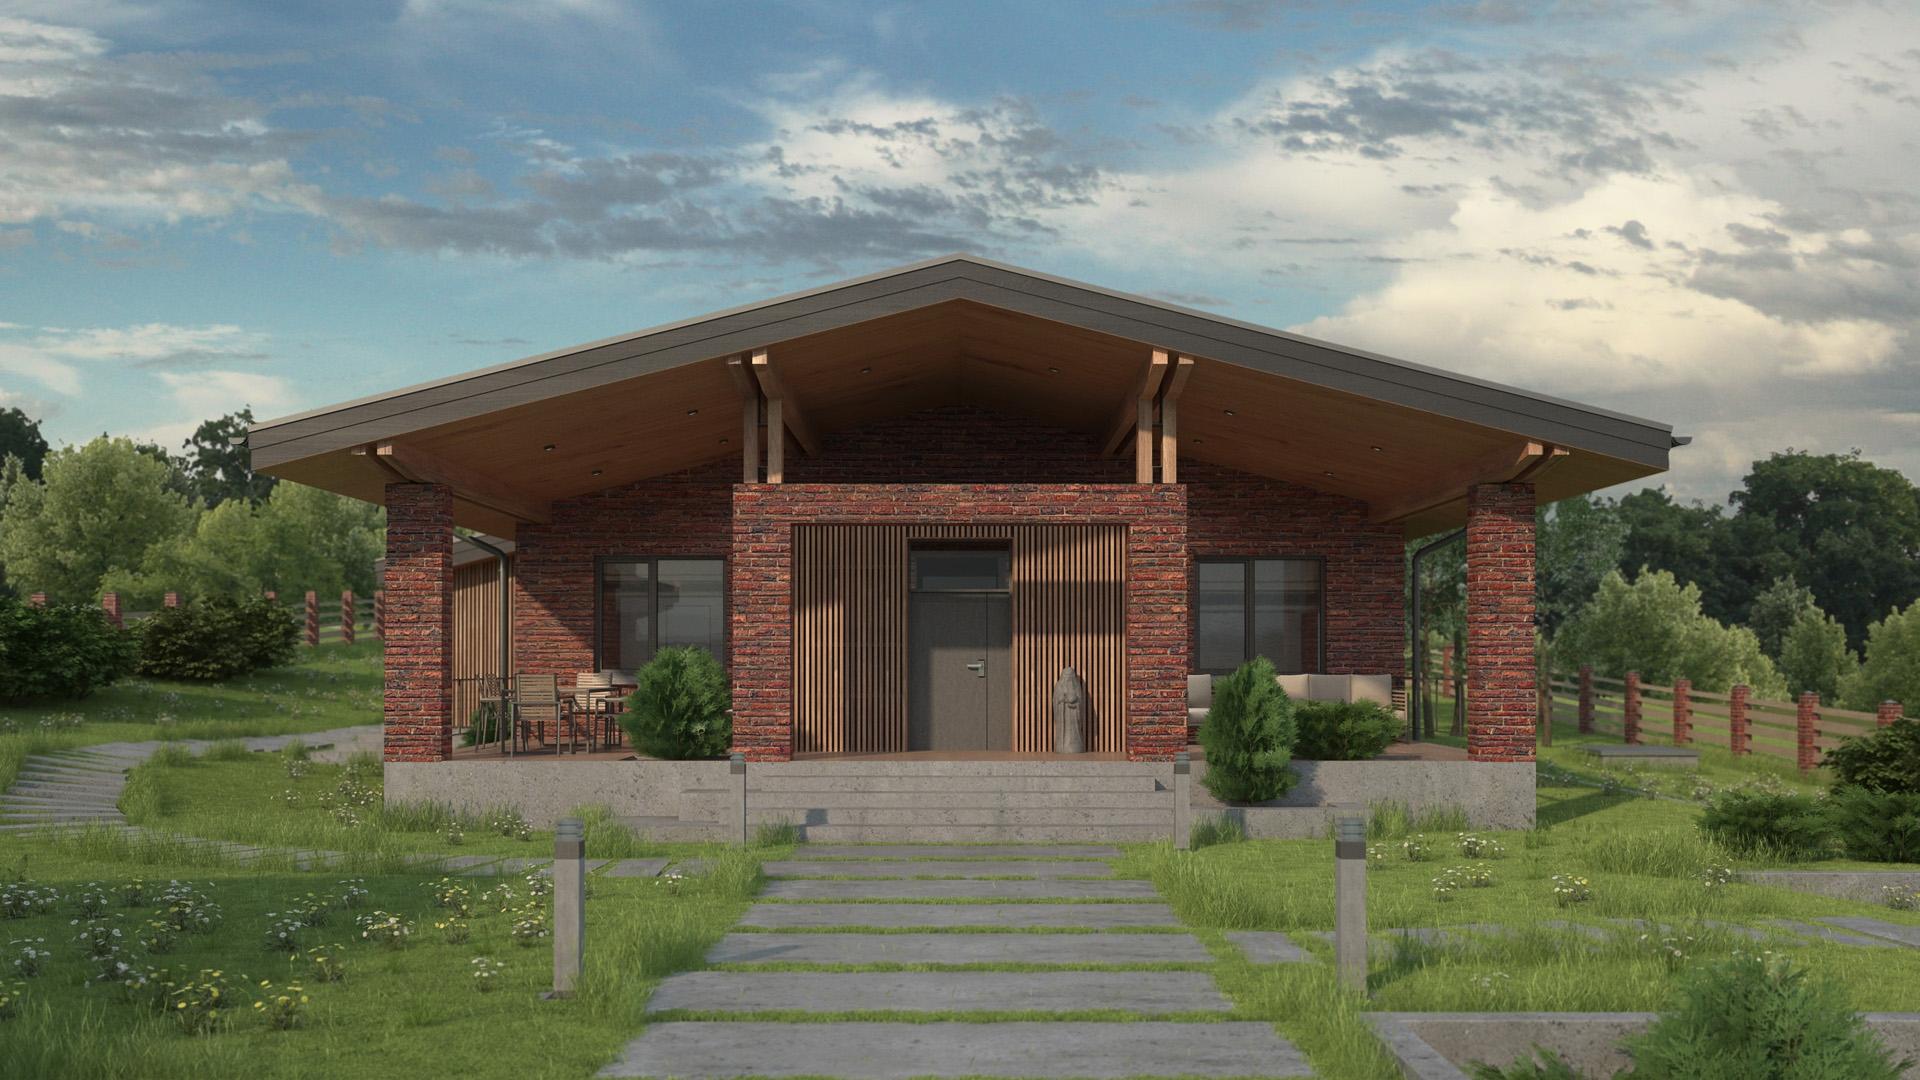 Изображение для проекта Проект кирпичного жилого дома «Каменные Ворота» 2158